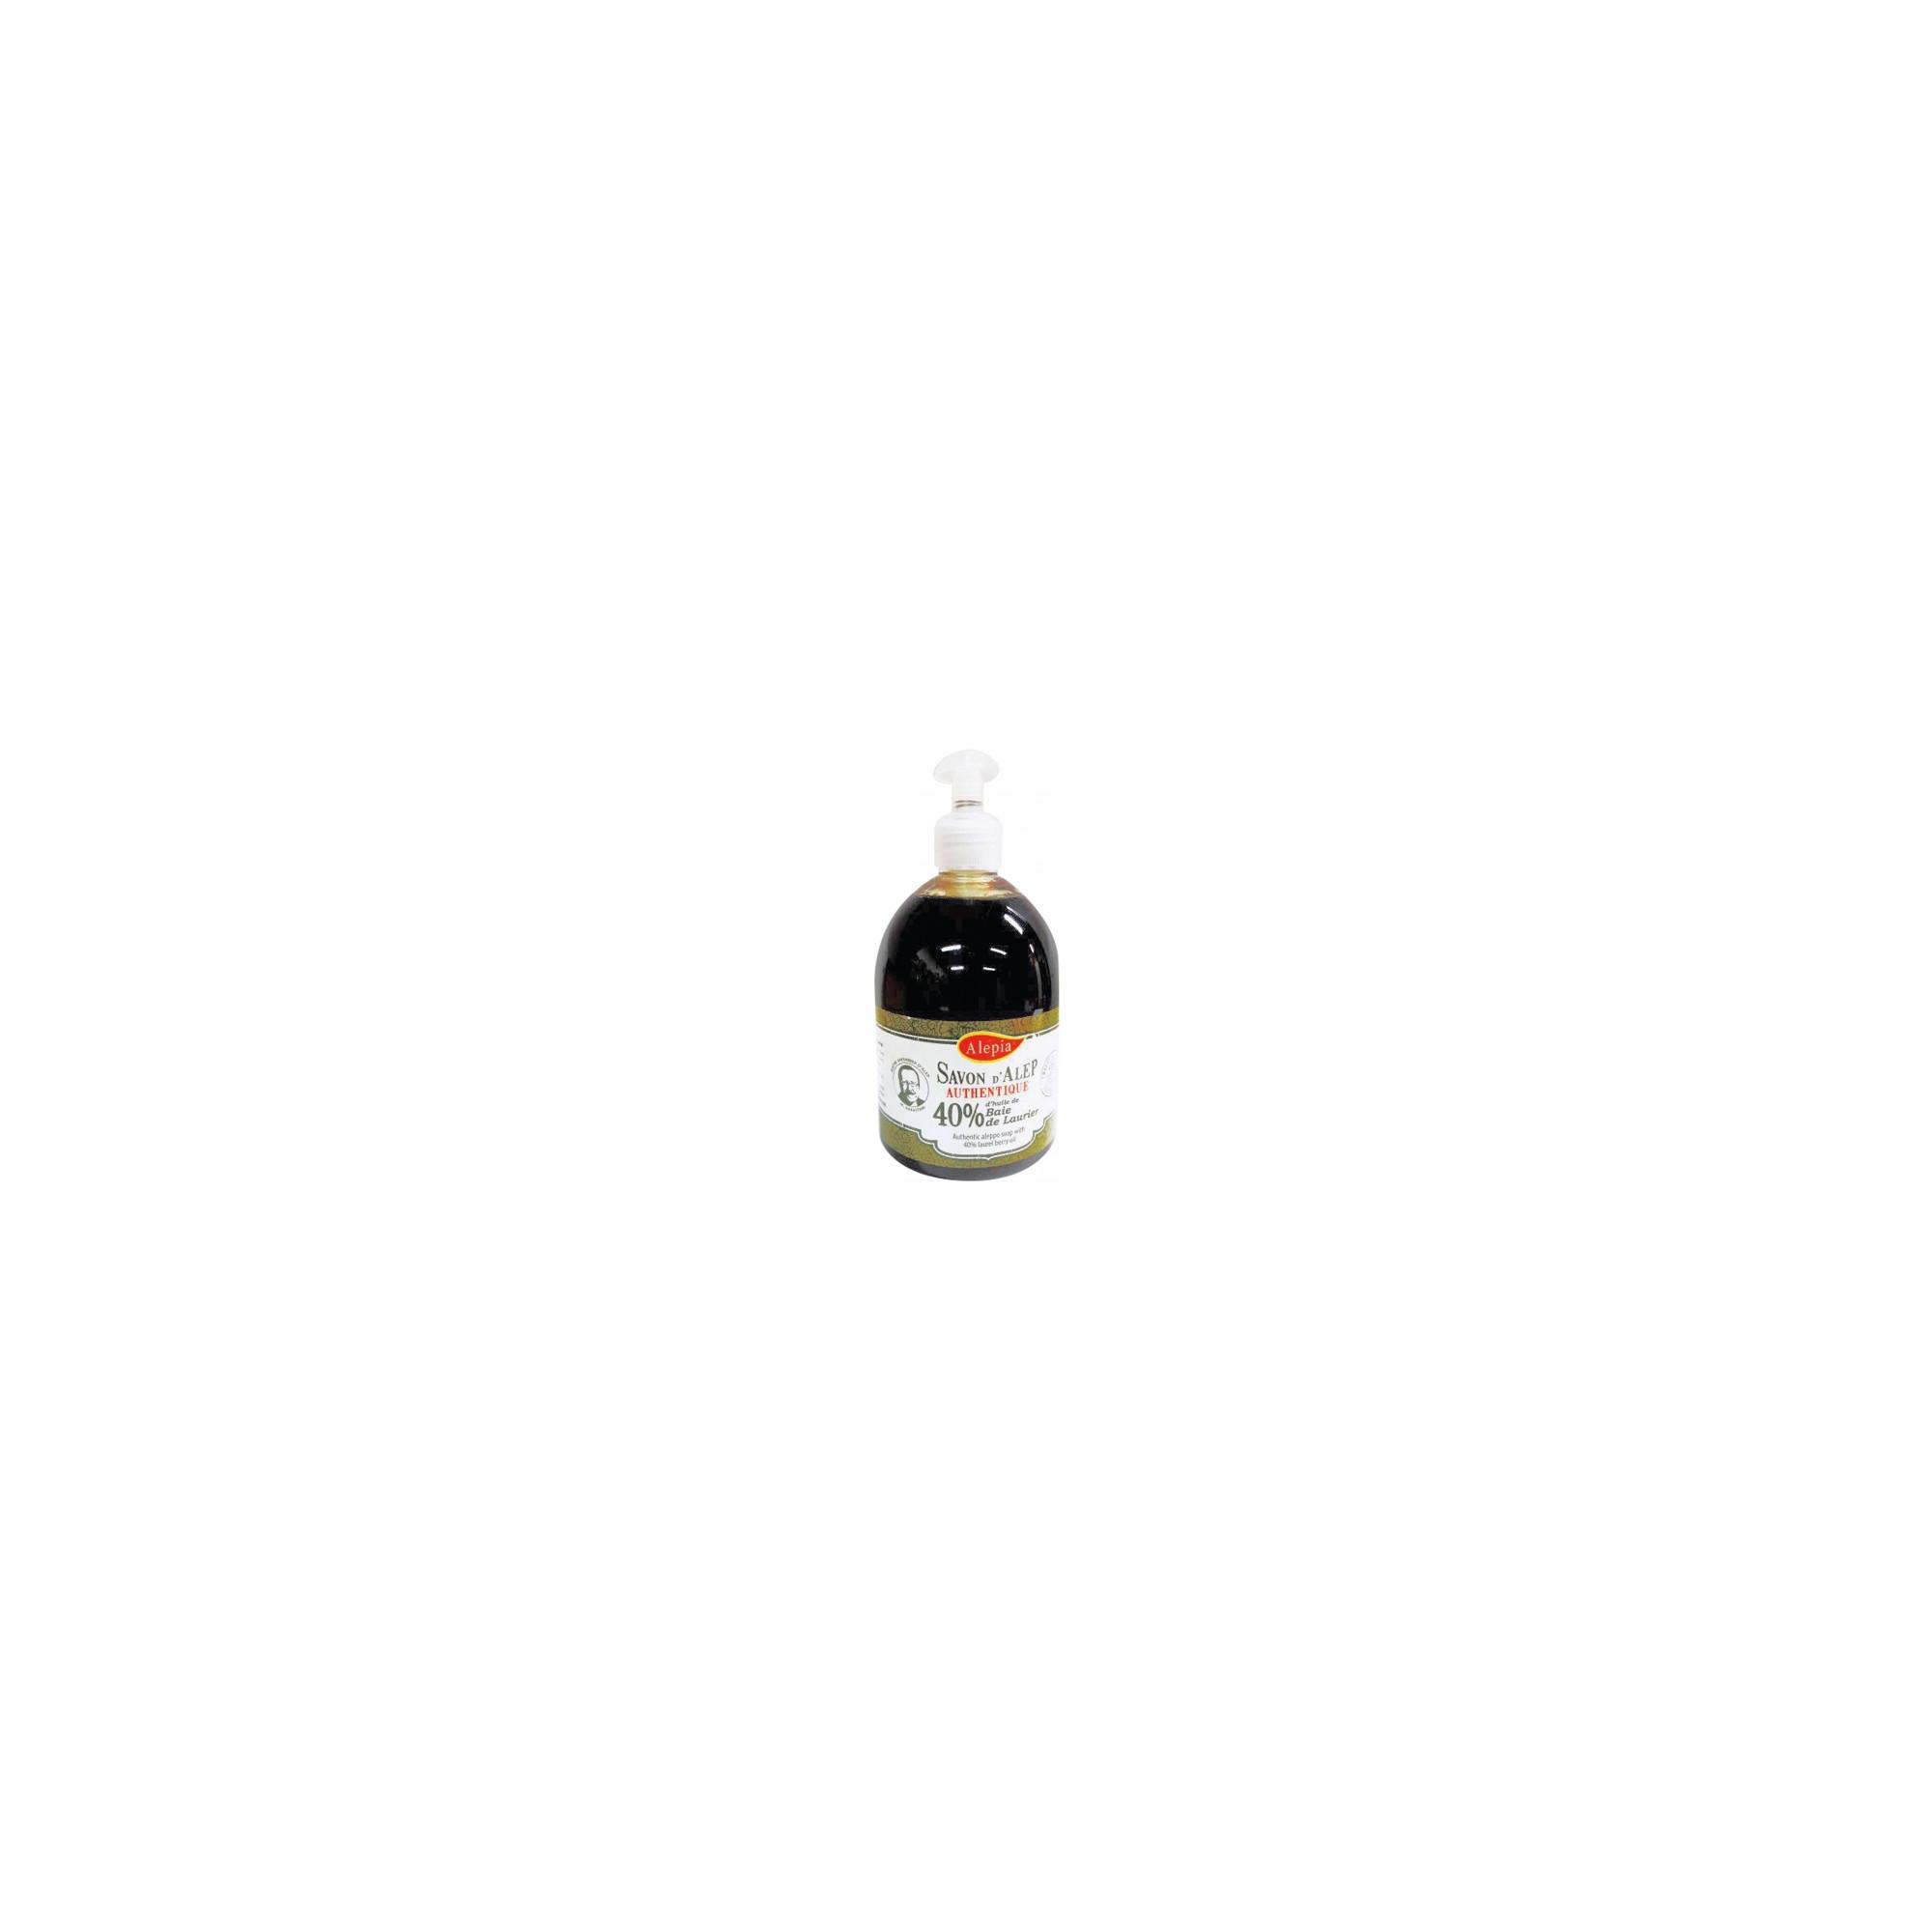 Pouss'Savon liquide d'Alep Authentique 40% de Laurier - 500 mL - Alépia